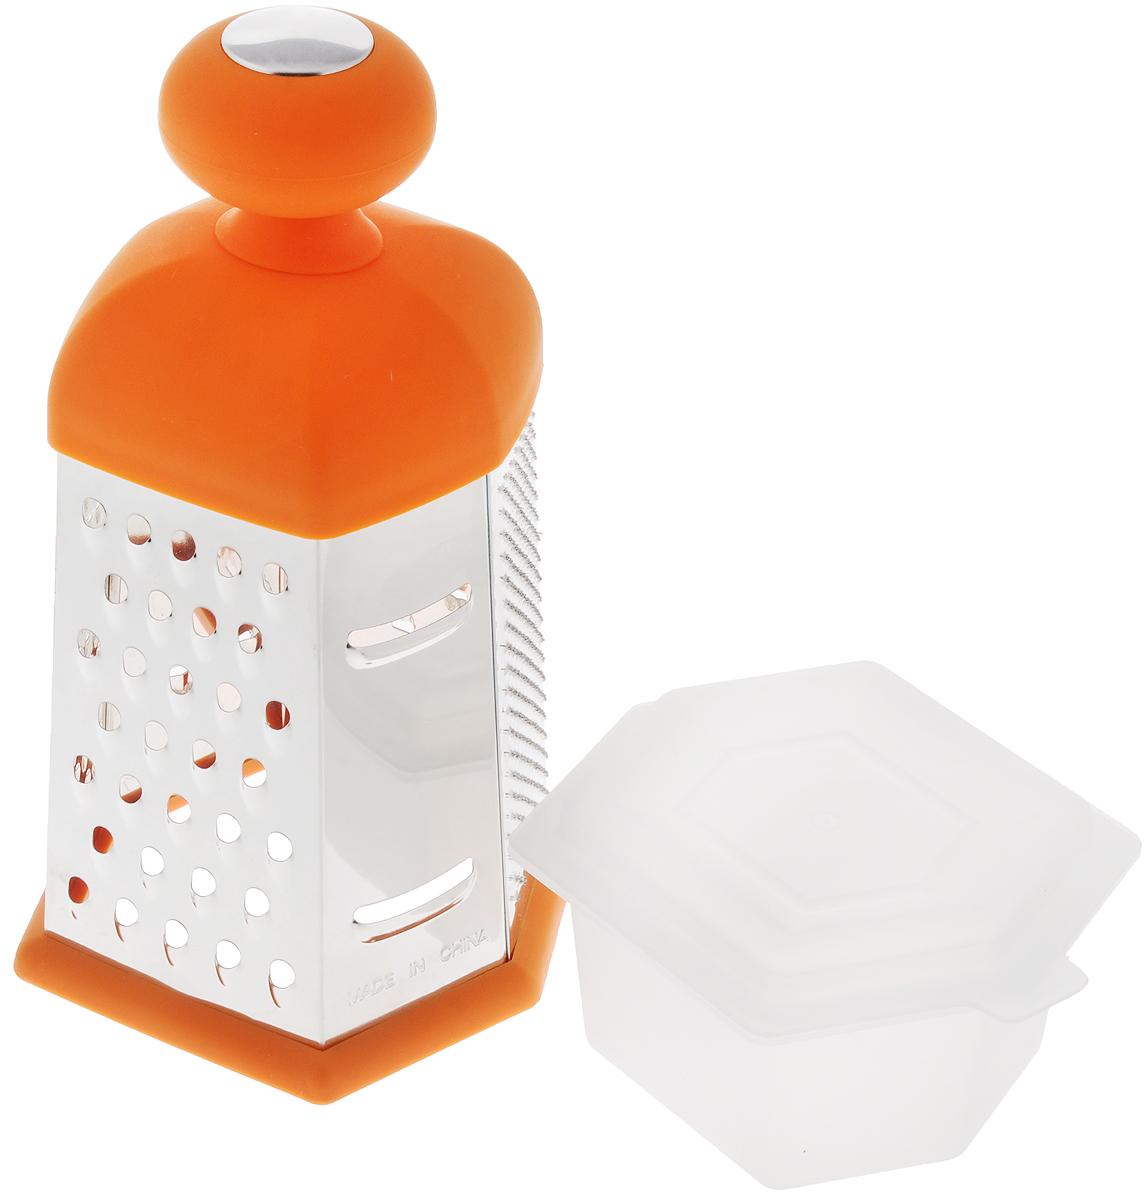 Терка шестигранная Mayer & Boch, с контейнером, цвет: оранжевый, высота: 24 см21320Терка Mayer & Boch изготовлена из высококачественного металла с оловянным покрытием и зеркальной полировкой. Терка оснащена удобной ручкой, выполненной из АБС-пластика с прорезиненным покрытием. На одной терке представлены шесть видов терок - крупная, мелкая, терка для овощных пюре, фигурная, шинковка и шинковка фигурная. Терка снабжена специальным контейнером, куда попадают уже натертые продукты. Для удобного хранения для контейнера предусмотрена крышка. Терку можно использовать и без контейнера, специальная резиновая накладка на дне обеспечивает устойчивость и предотвращает скольжение. Каждая хозяйка оценит все преимущества этой терки. Благодаря этому можно удовлетворить любые потребности по нарезке различных продуктов. Наслаждайтесь приготовлением пищи с многофункциональной теркой Mayer & Boch. Размер терки: 12,5 х 11,5 х 24 см. Размер контейнера (с крышкой): 13 х 11 х 7 см.